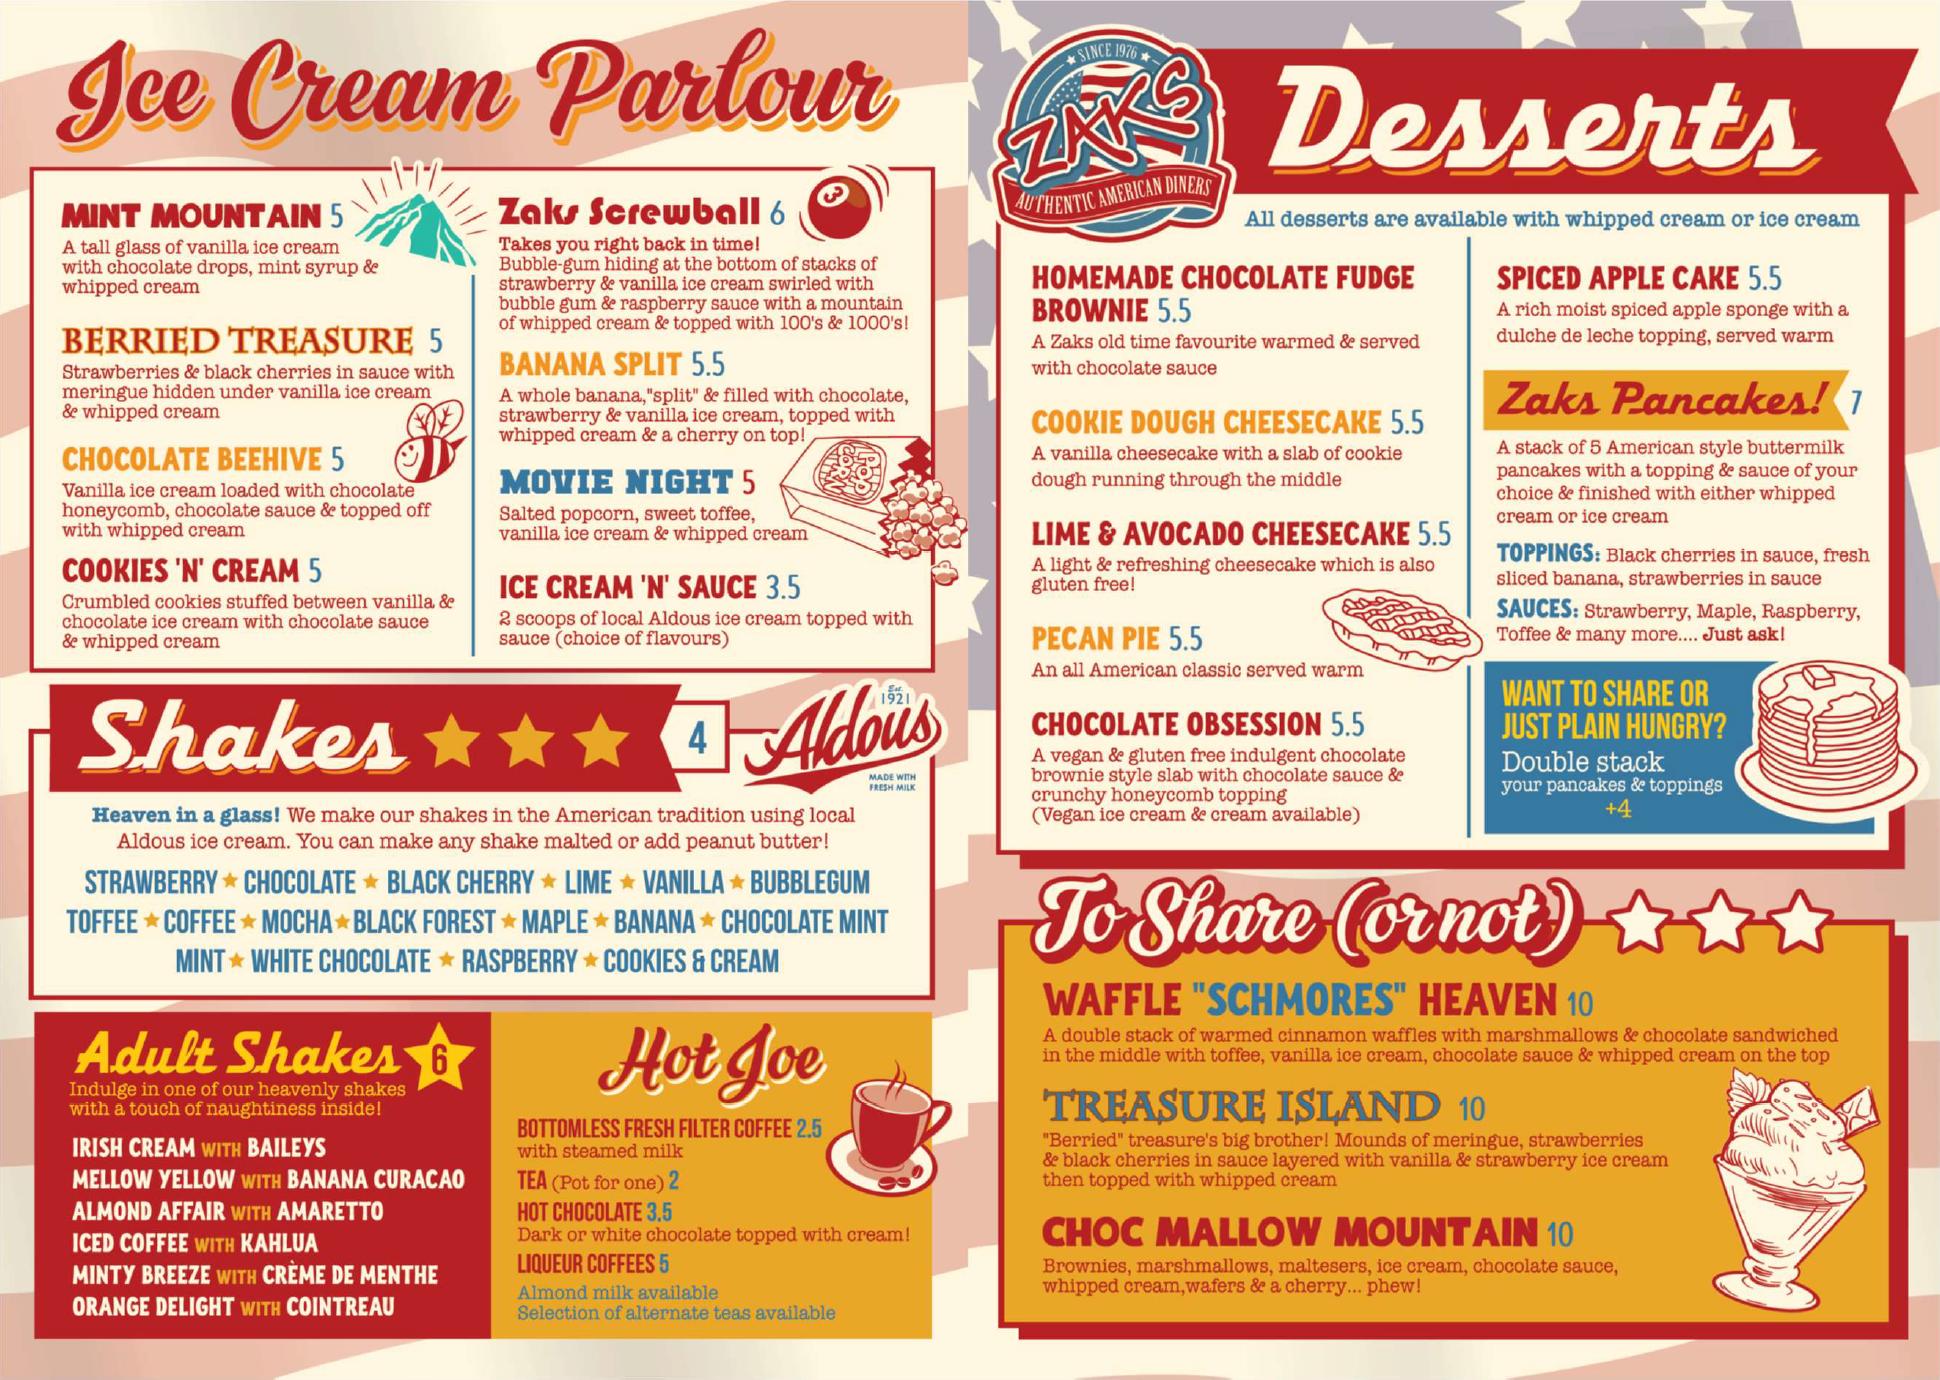 Desserts, Shakes & Ice Cream Parlour